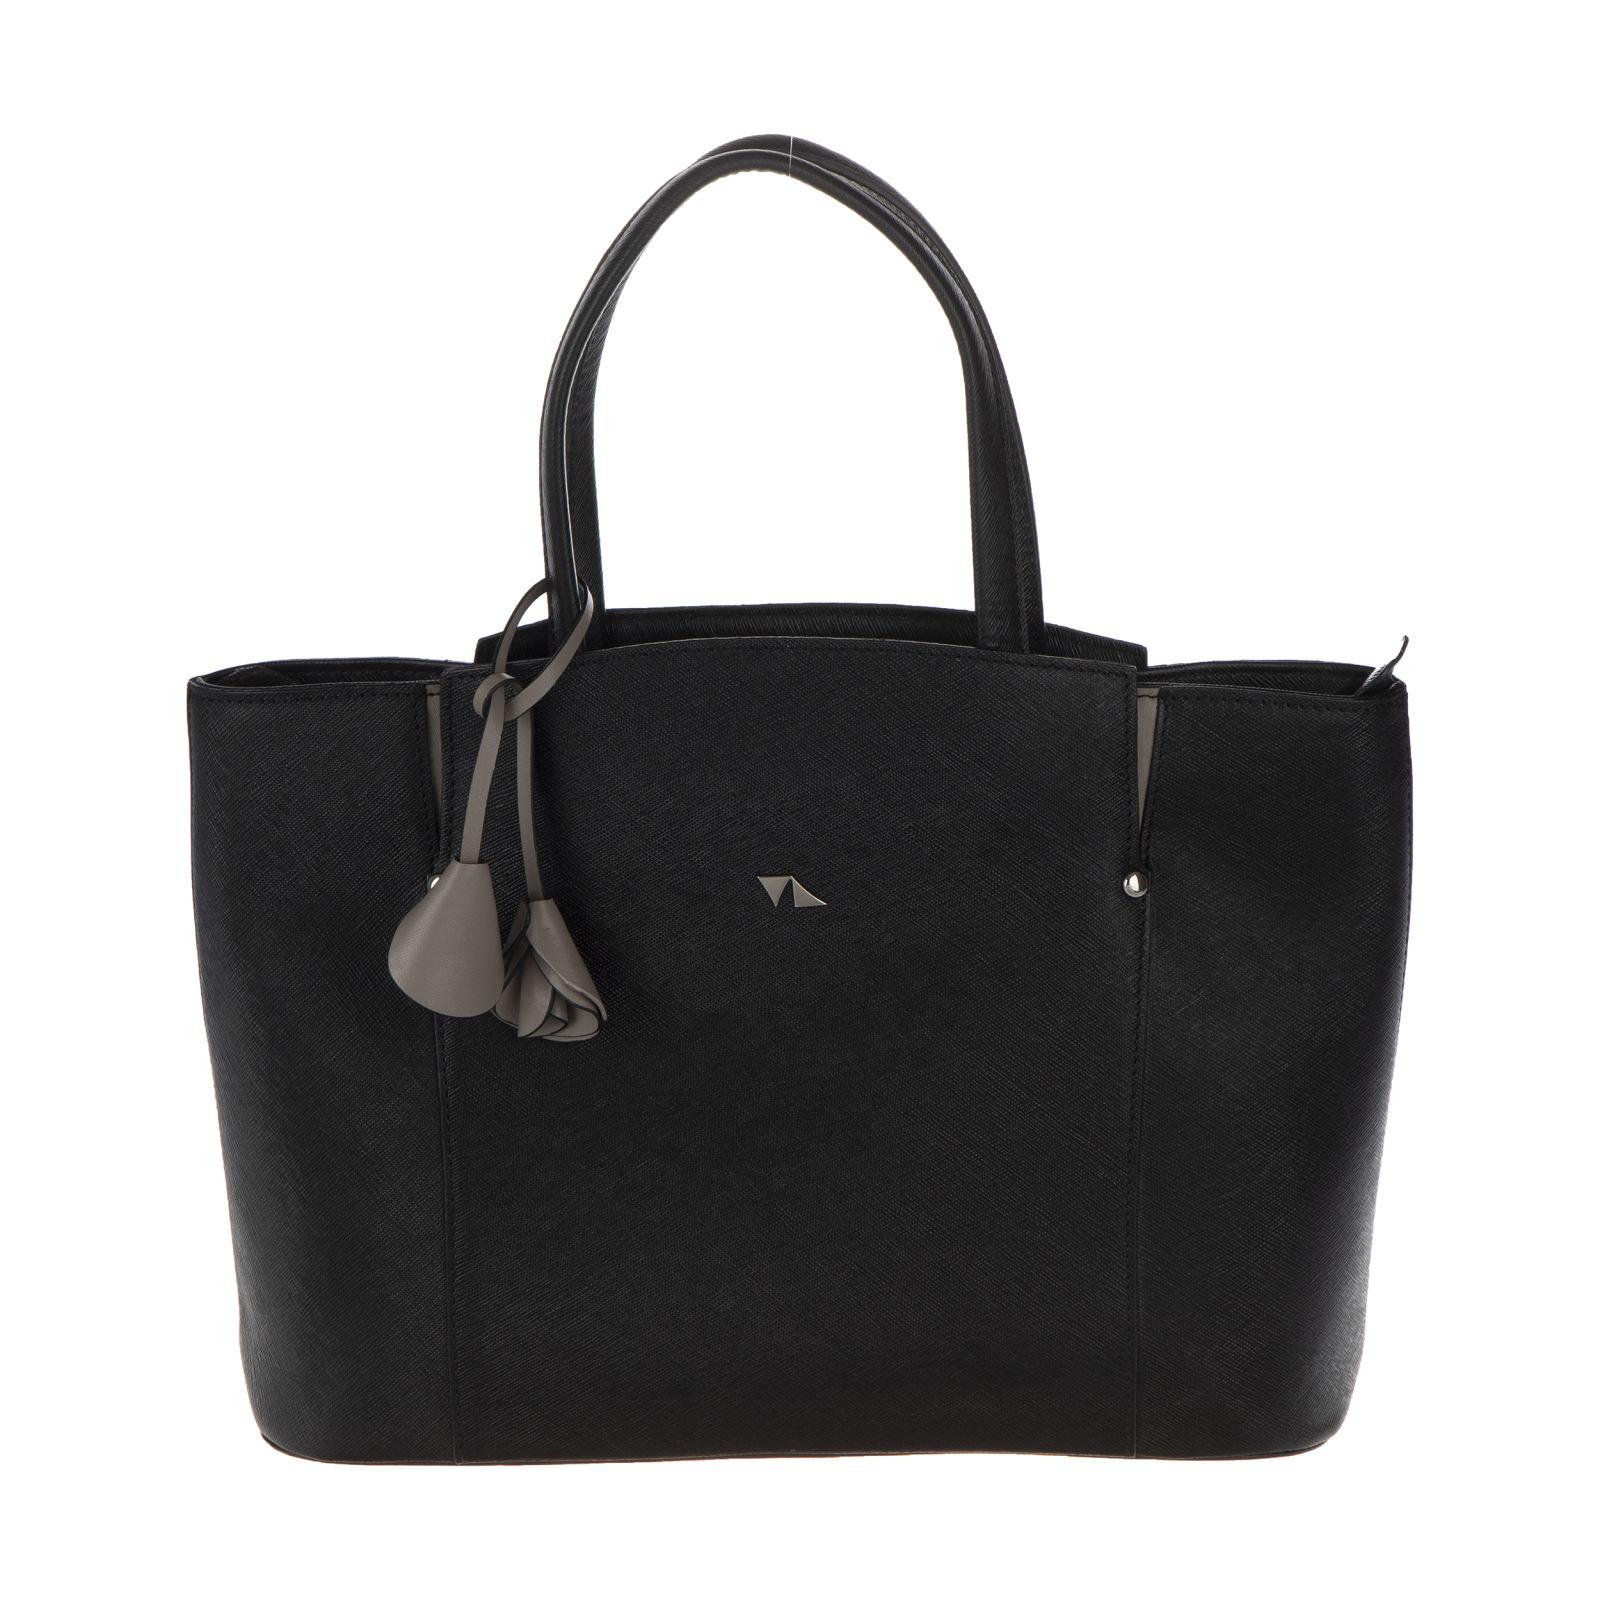 کیف دستی زنانه چرم مشهد مدل S0716-001 -  - 2